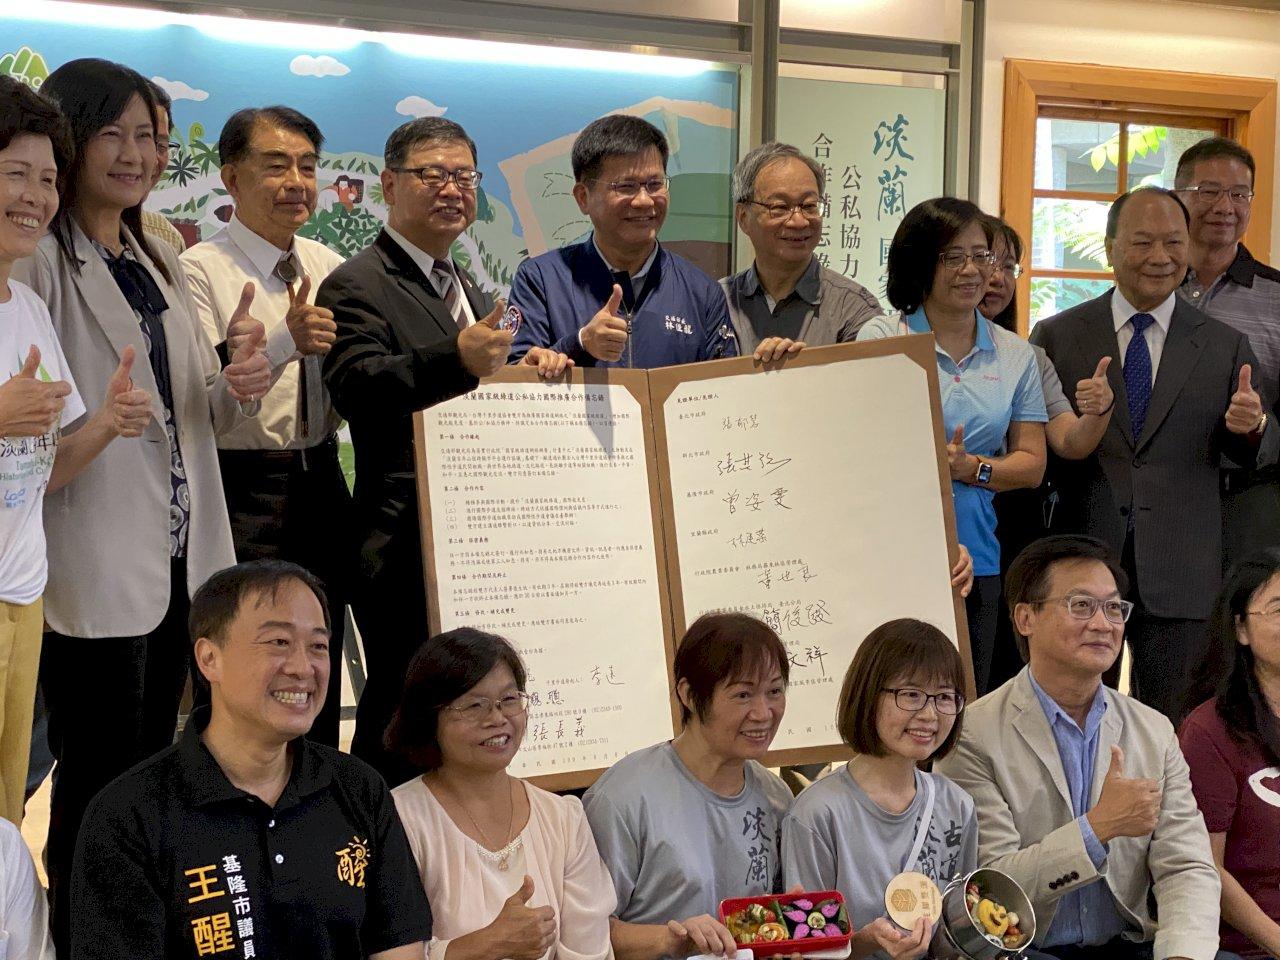 觀光局攜手千里步道協會 簽署「淡蘭國家級綠道」合作備忘錄(影音)